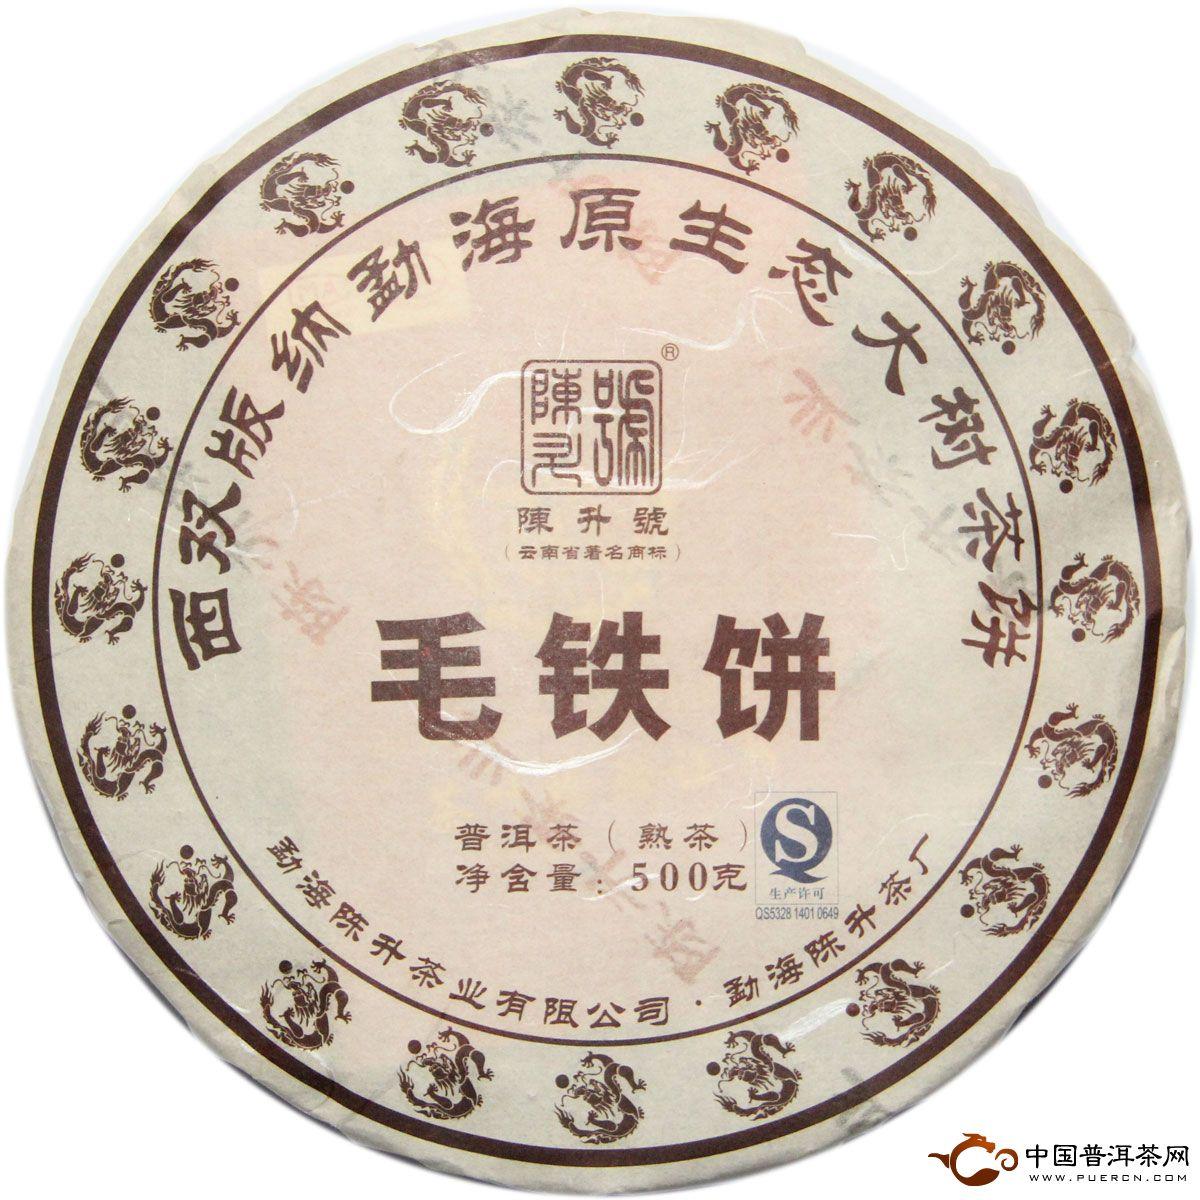 2012年陈升号毛铁饼/熟茶/500克